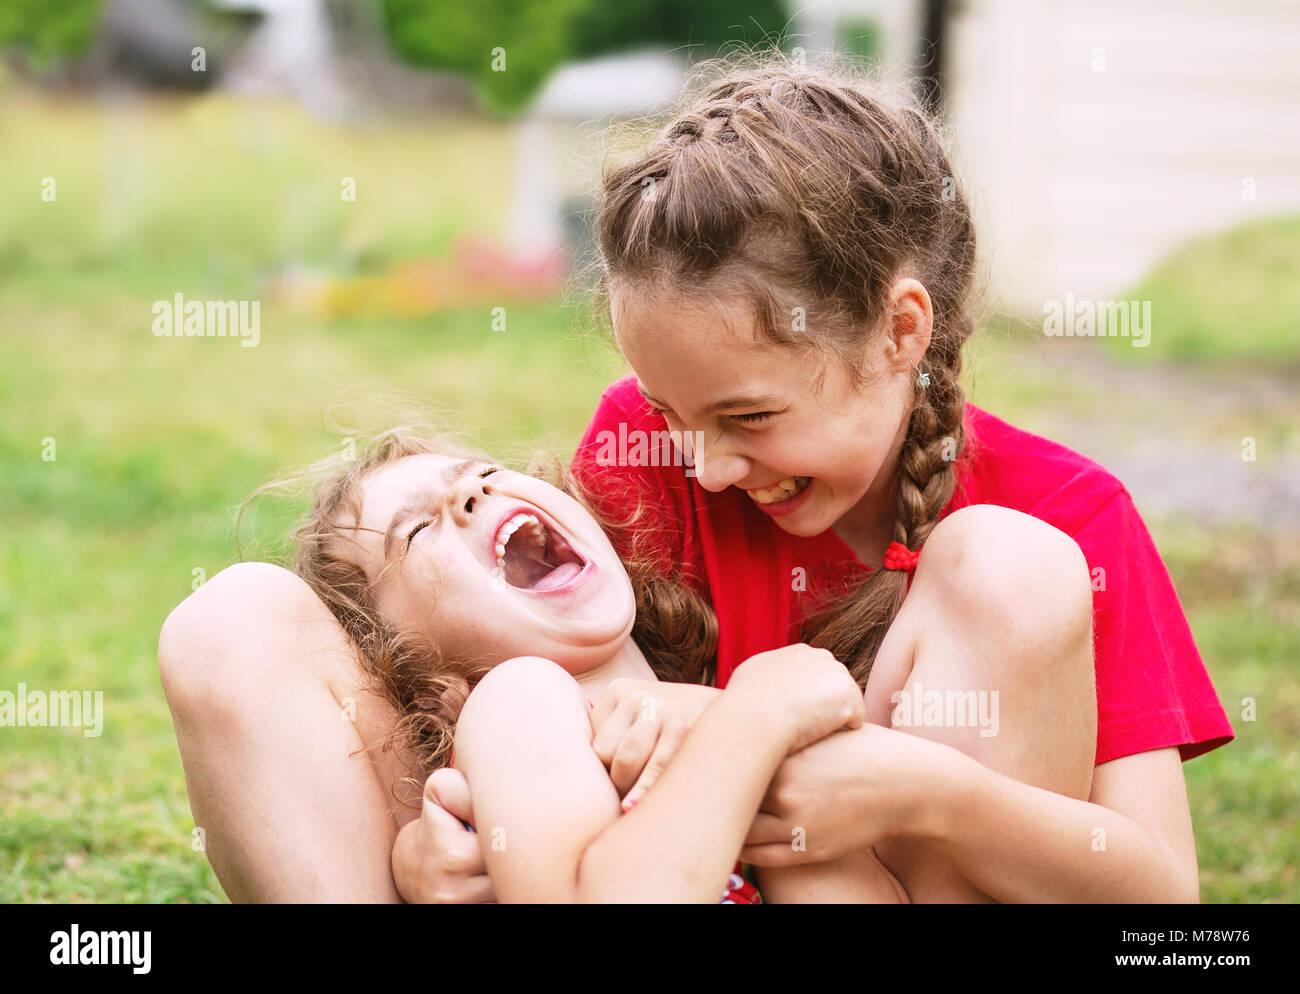 Deux petites filles heureux embrassant et rire au parc Photo Stock